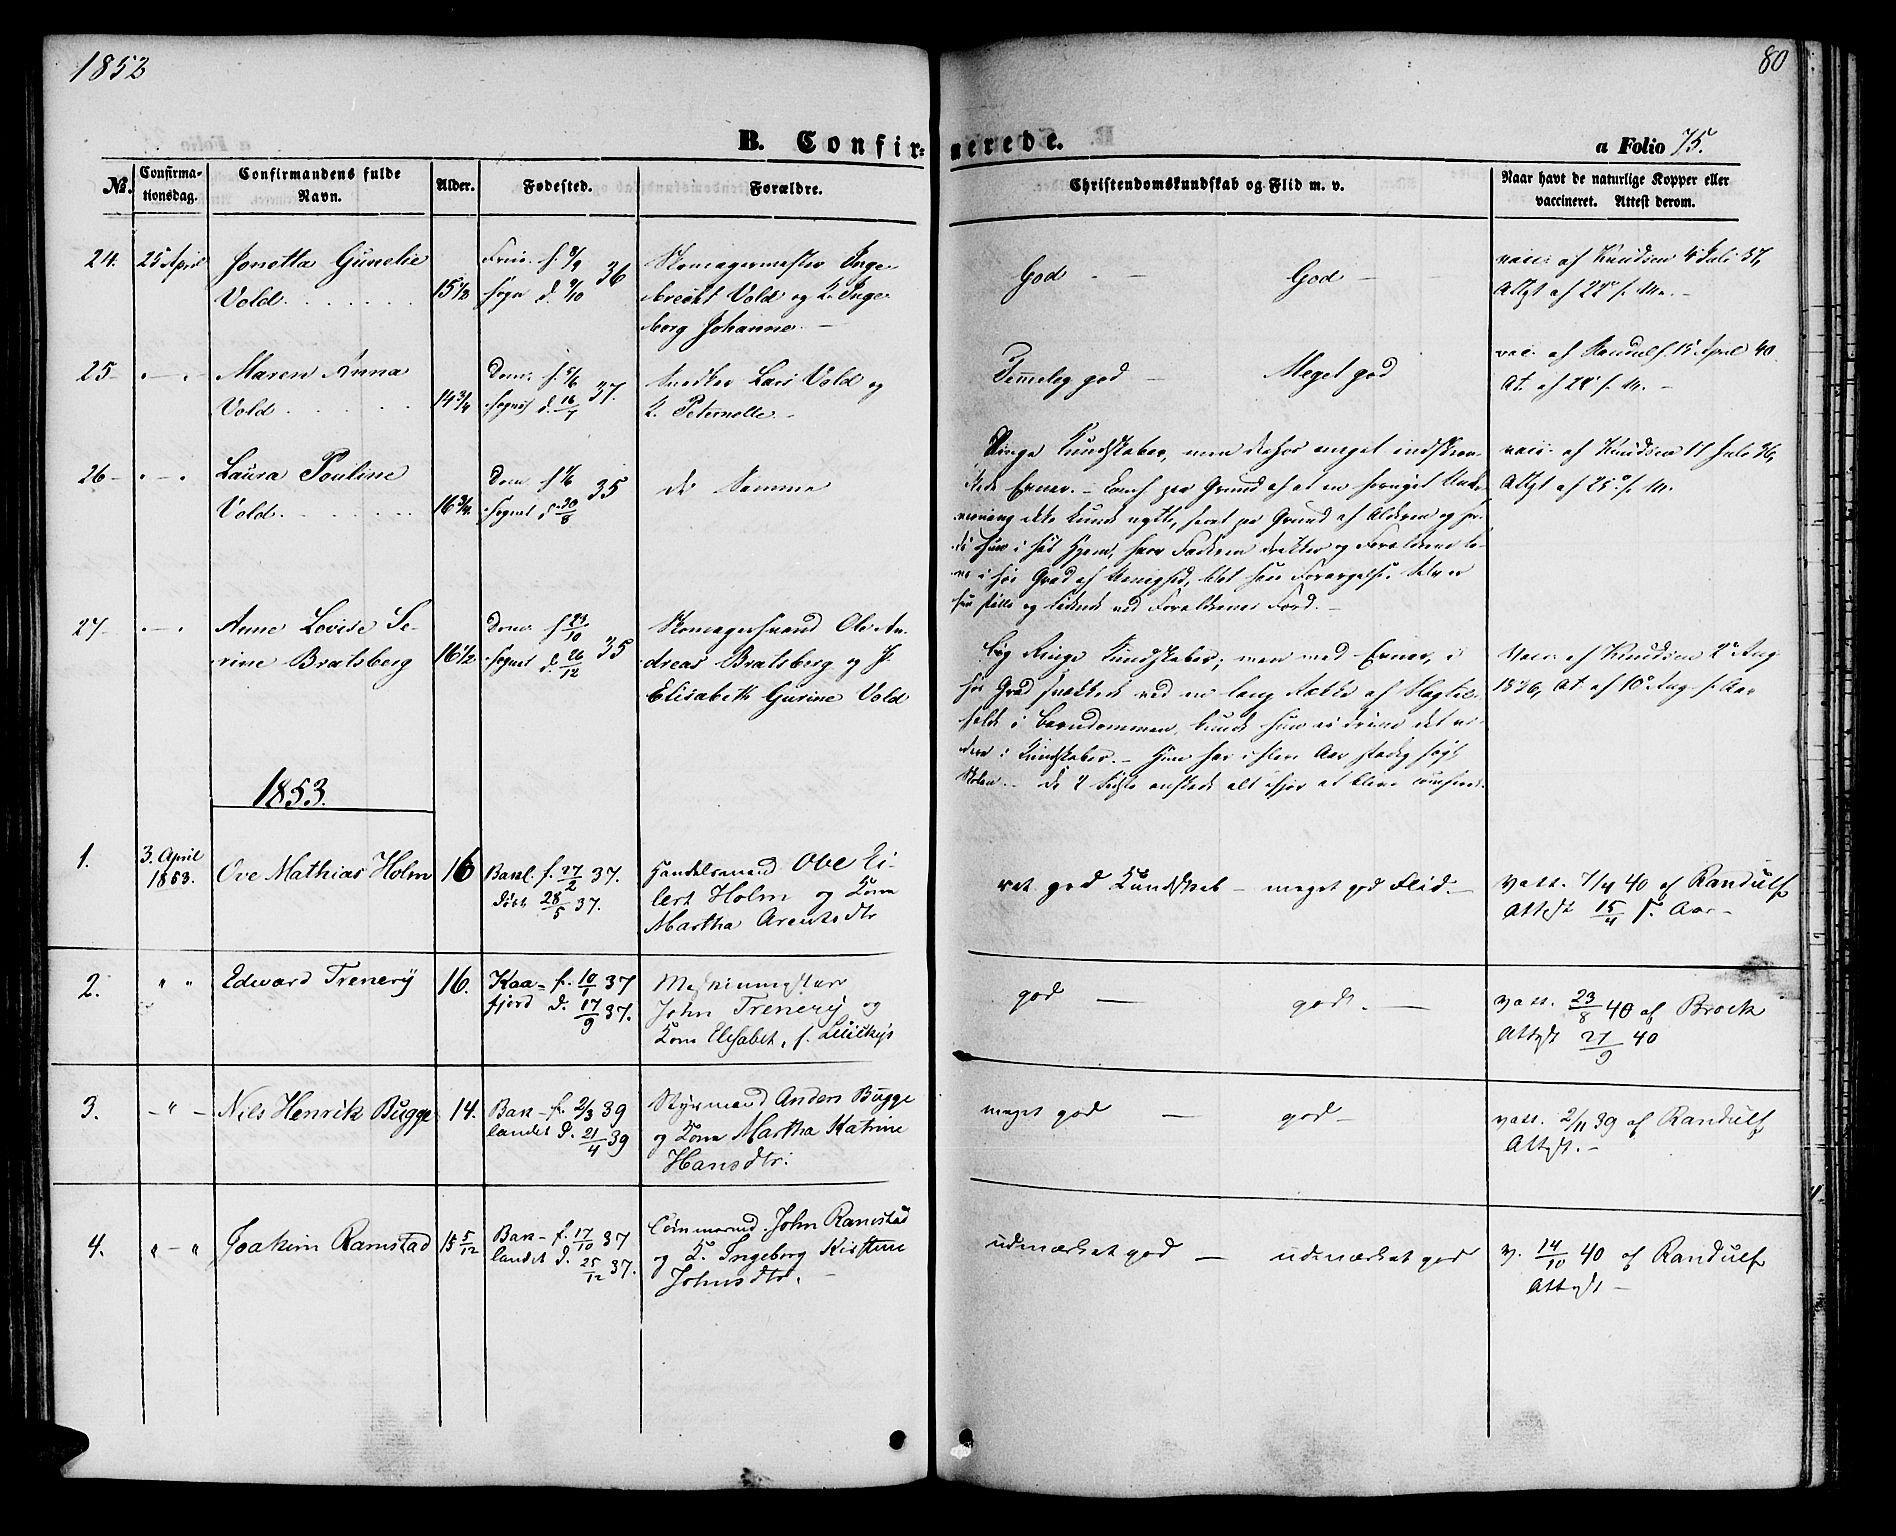 SAT, Ministerialprotokoller, klokkerbøker og fødselsregistre - Sør-Trøndelag, 604/L0184: Ministerialbok nr. 604A05, 1851-1860, s. 80